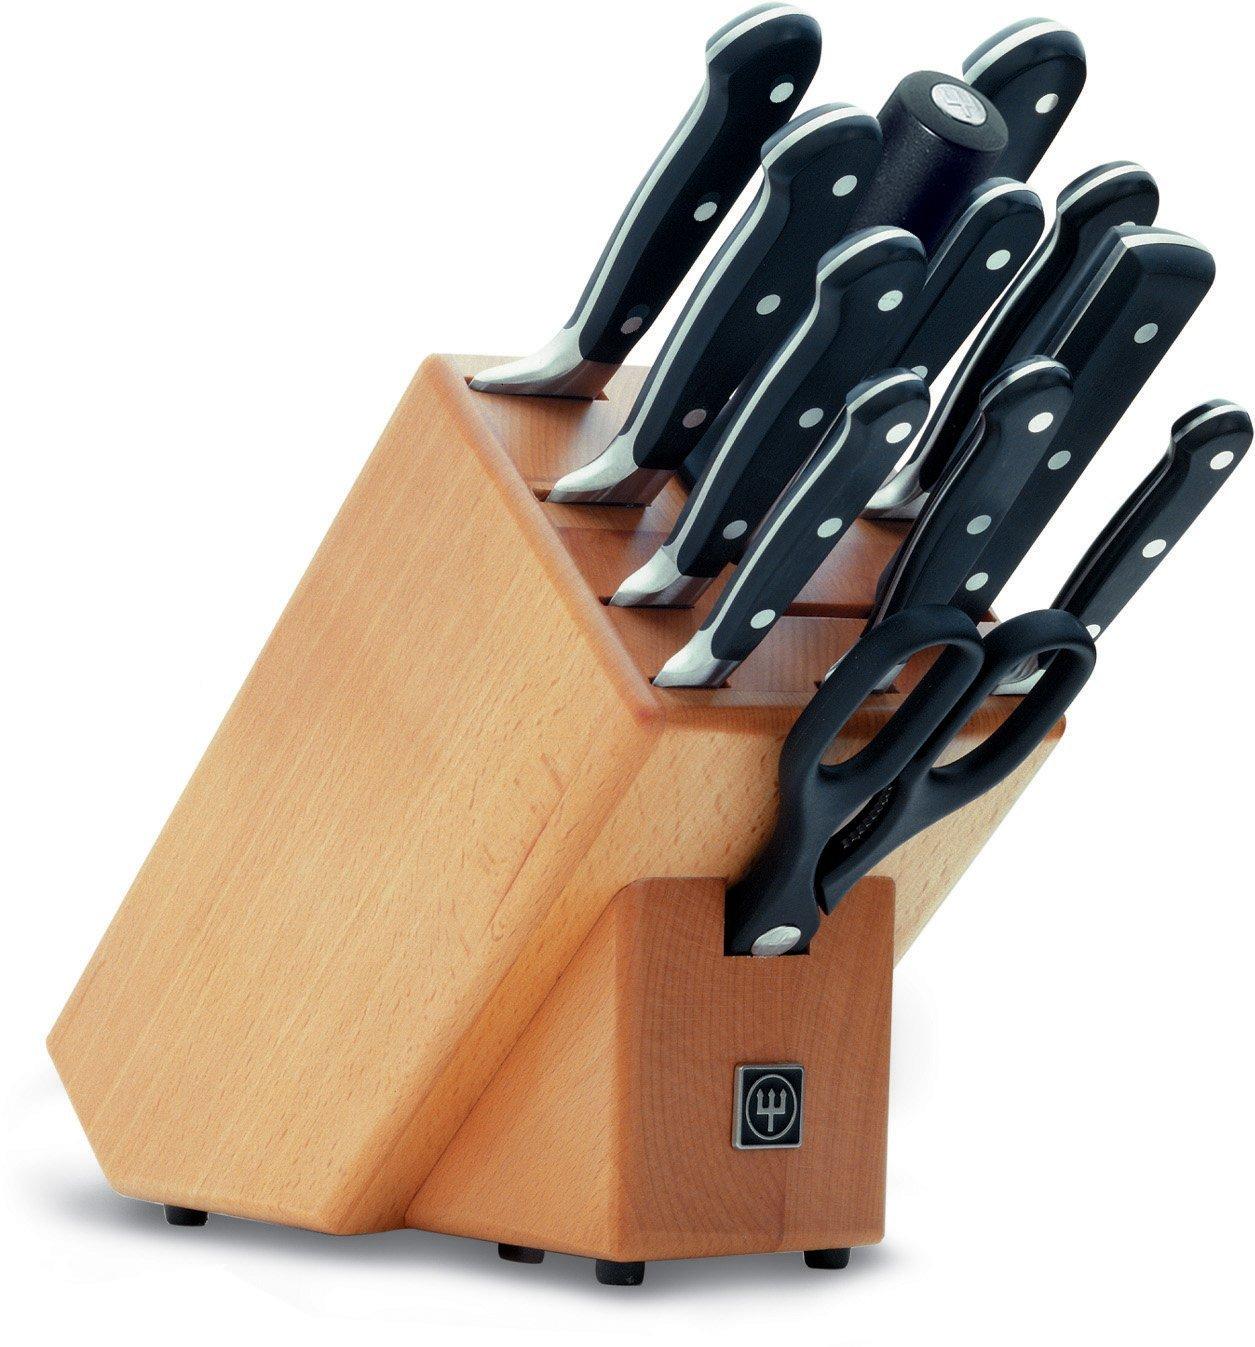 Онлайн каталог PROMENU: Блок с ножами Wuesthof Classic, бежевый, 13 предметов Wuesthof 9846